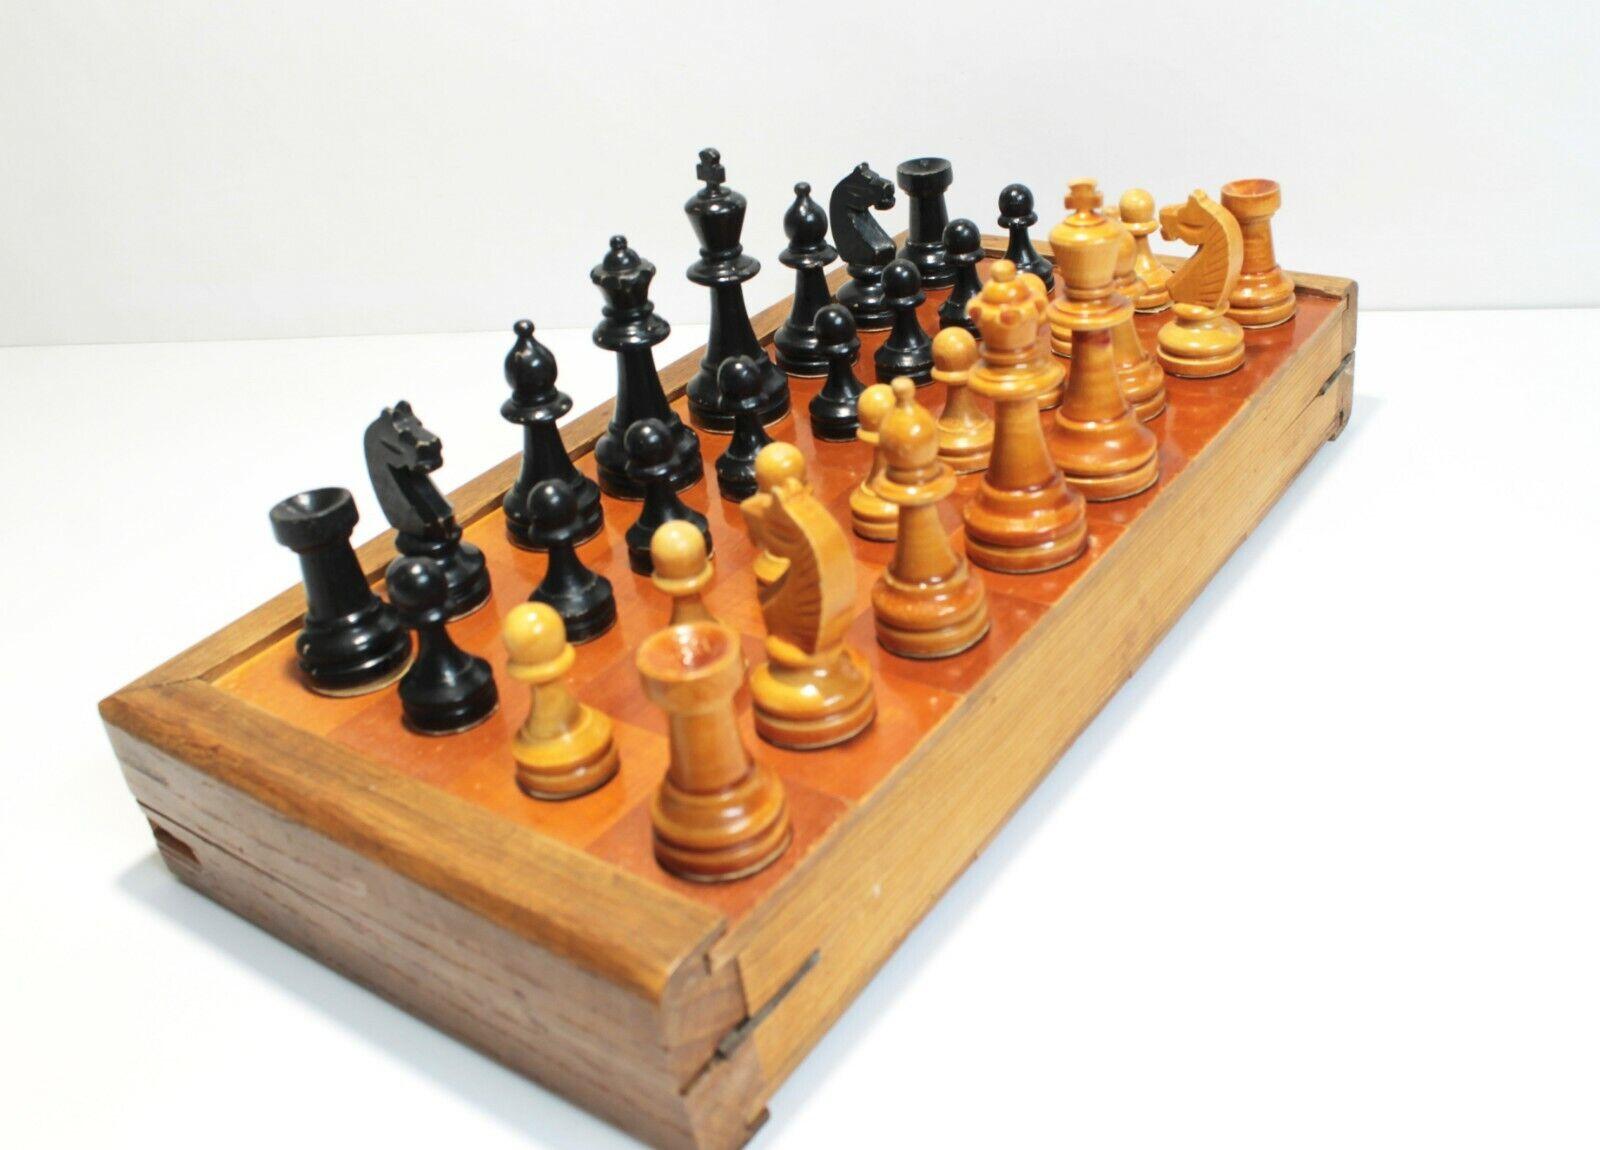 Old Soviet  Chess fin 1930-début 1940 S.  Envoi gratuit pour toutes les commandes